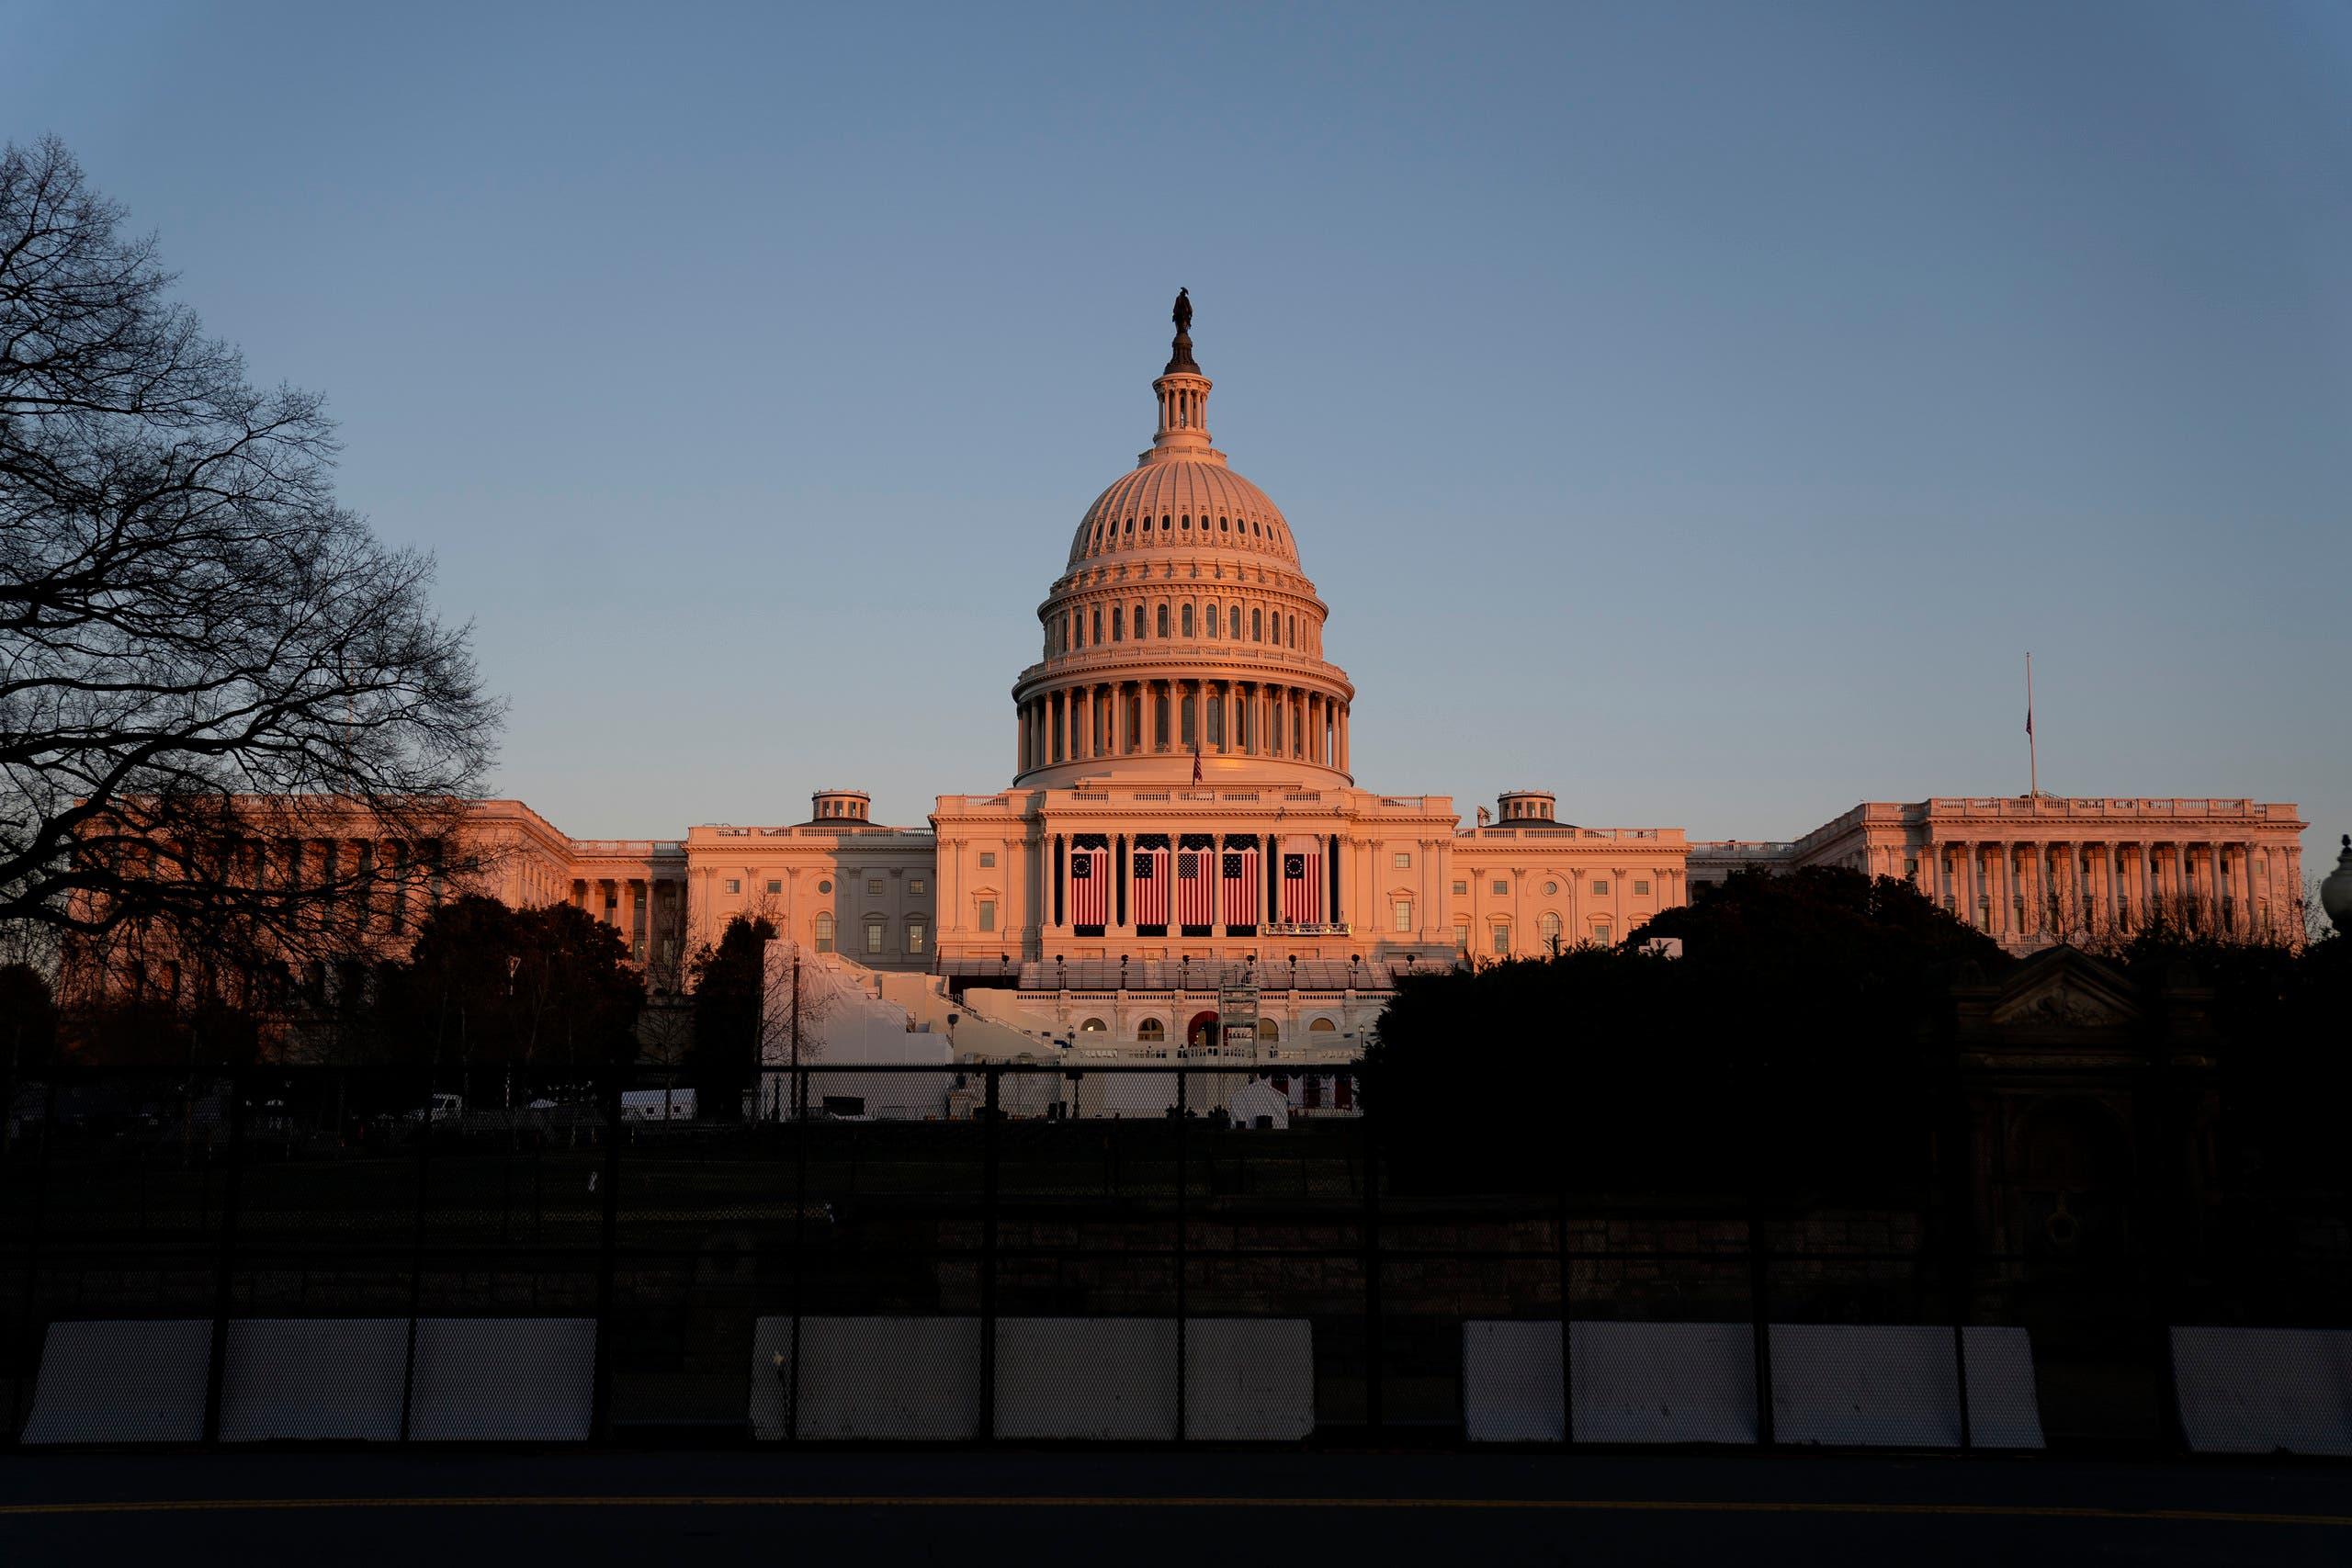 مبنى الكابيتول في العاصمة واشنطن